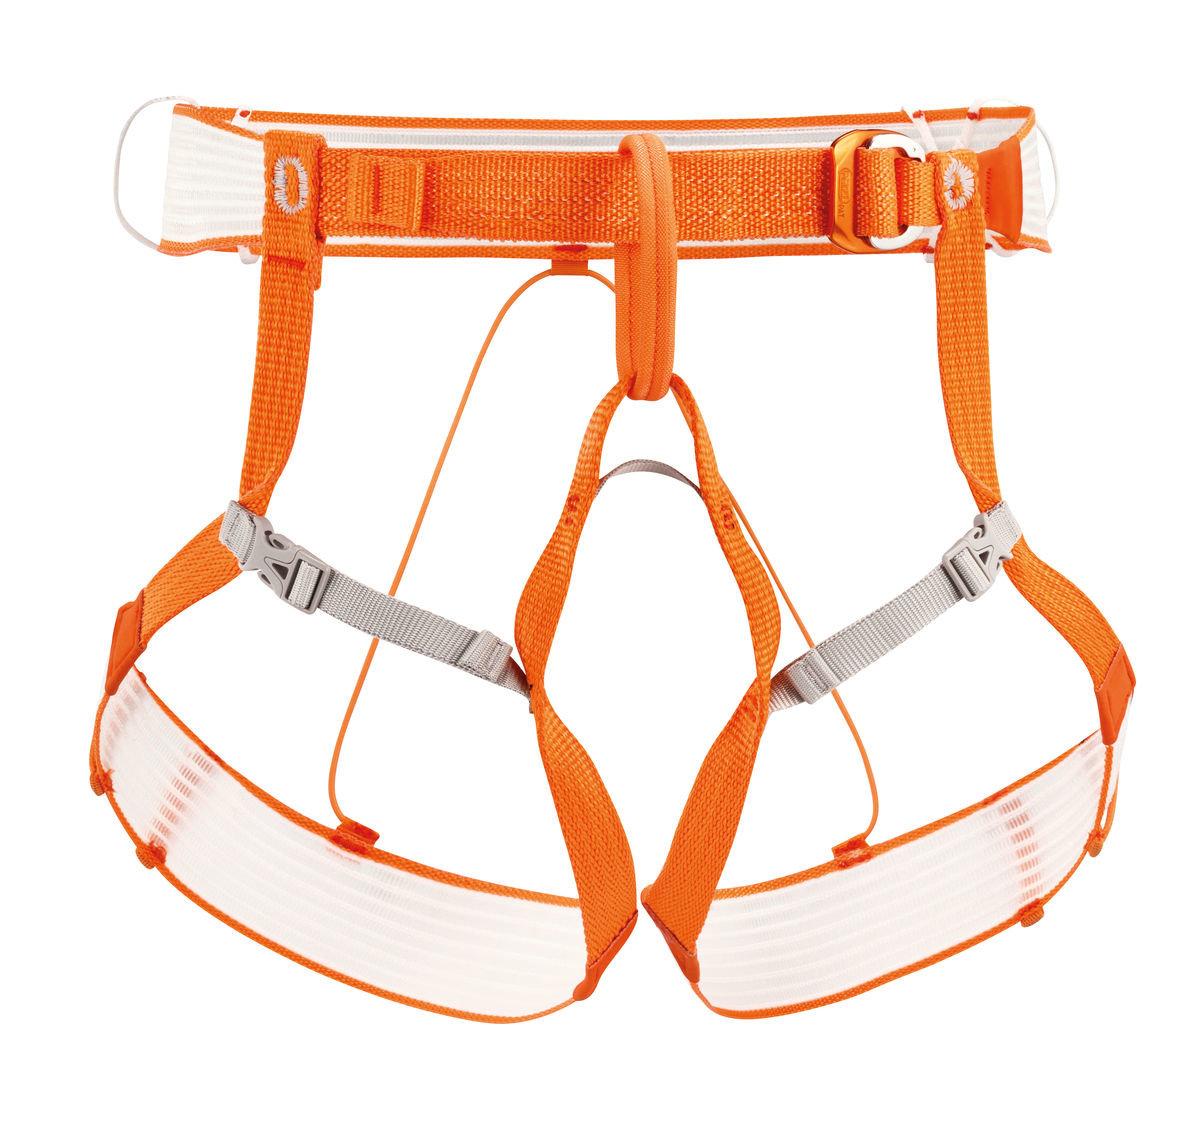 Страховочная система Petzl Altitude Orange/White